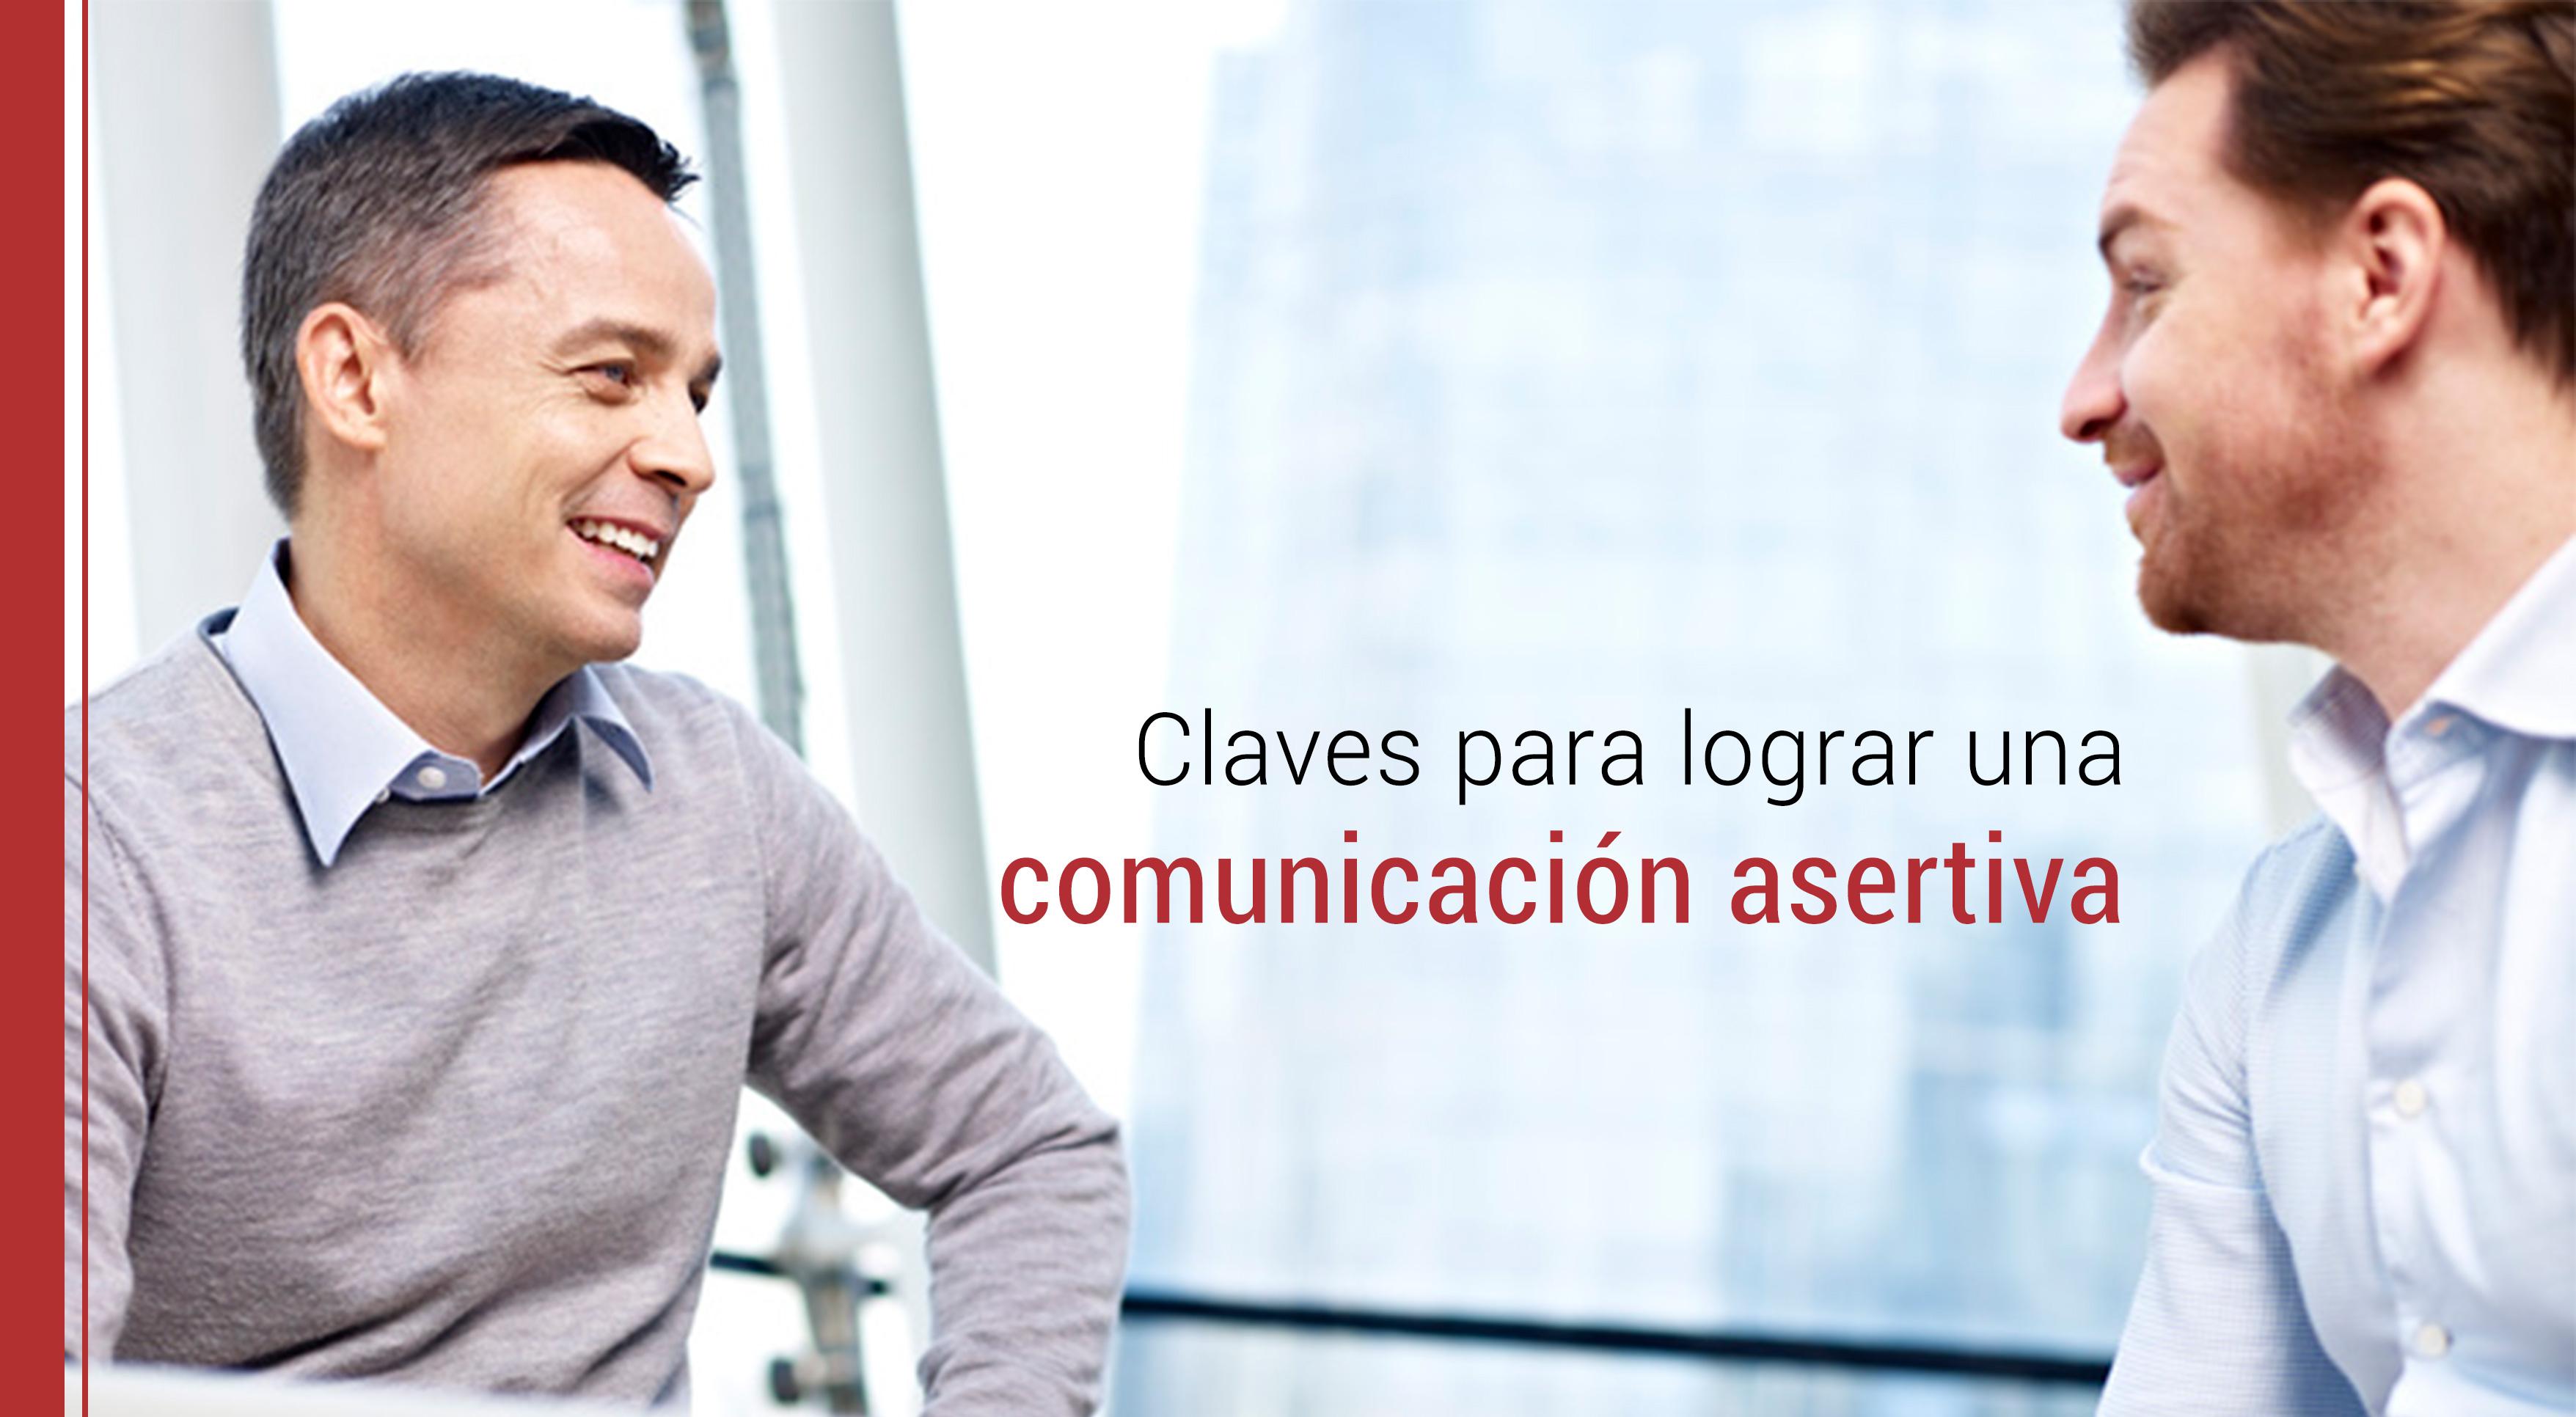 comunicacion-asertiva-ejemplos-consejos Comunicación asertiva: 3 ejemplos y consejos a poner en práctica